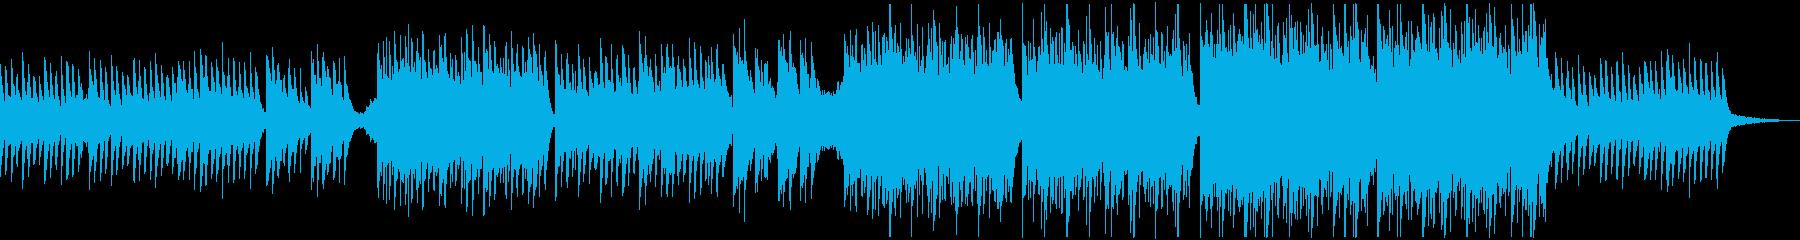 おとなしいポップ調BGMの再生済みの波形